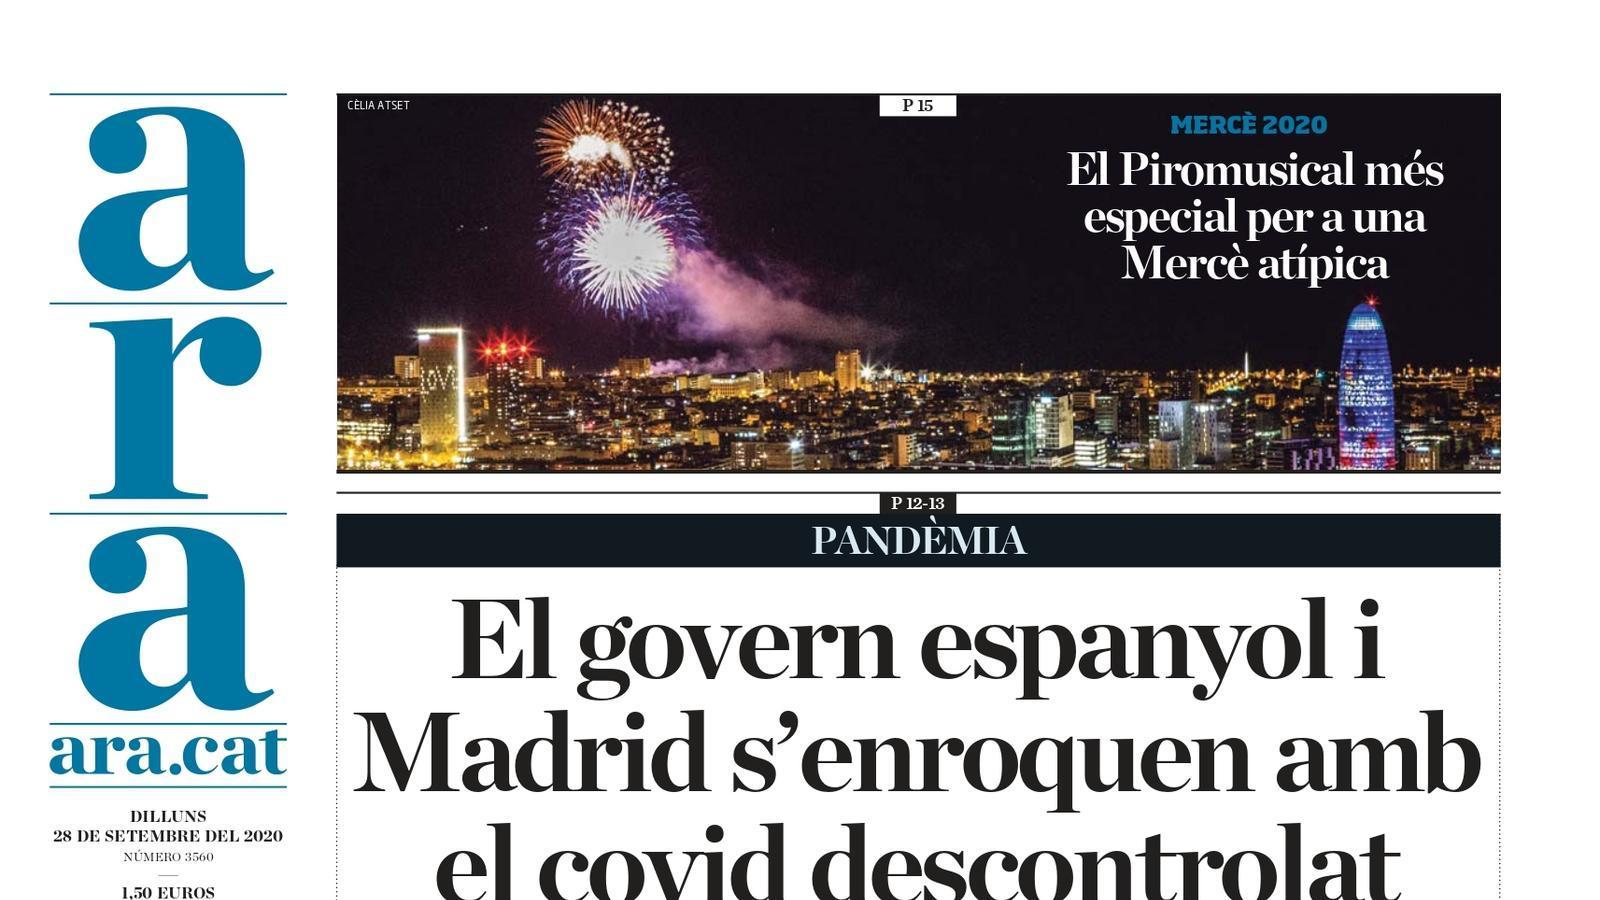 """""""El govern espanyol i Madrid s'enroquen amb el covid descontrolat"""", la portada de l'ARA"""